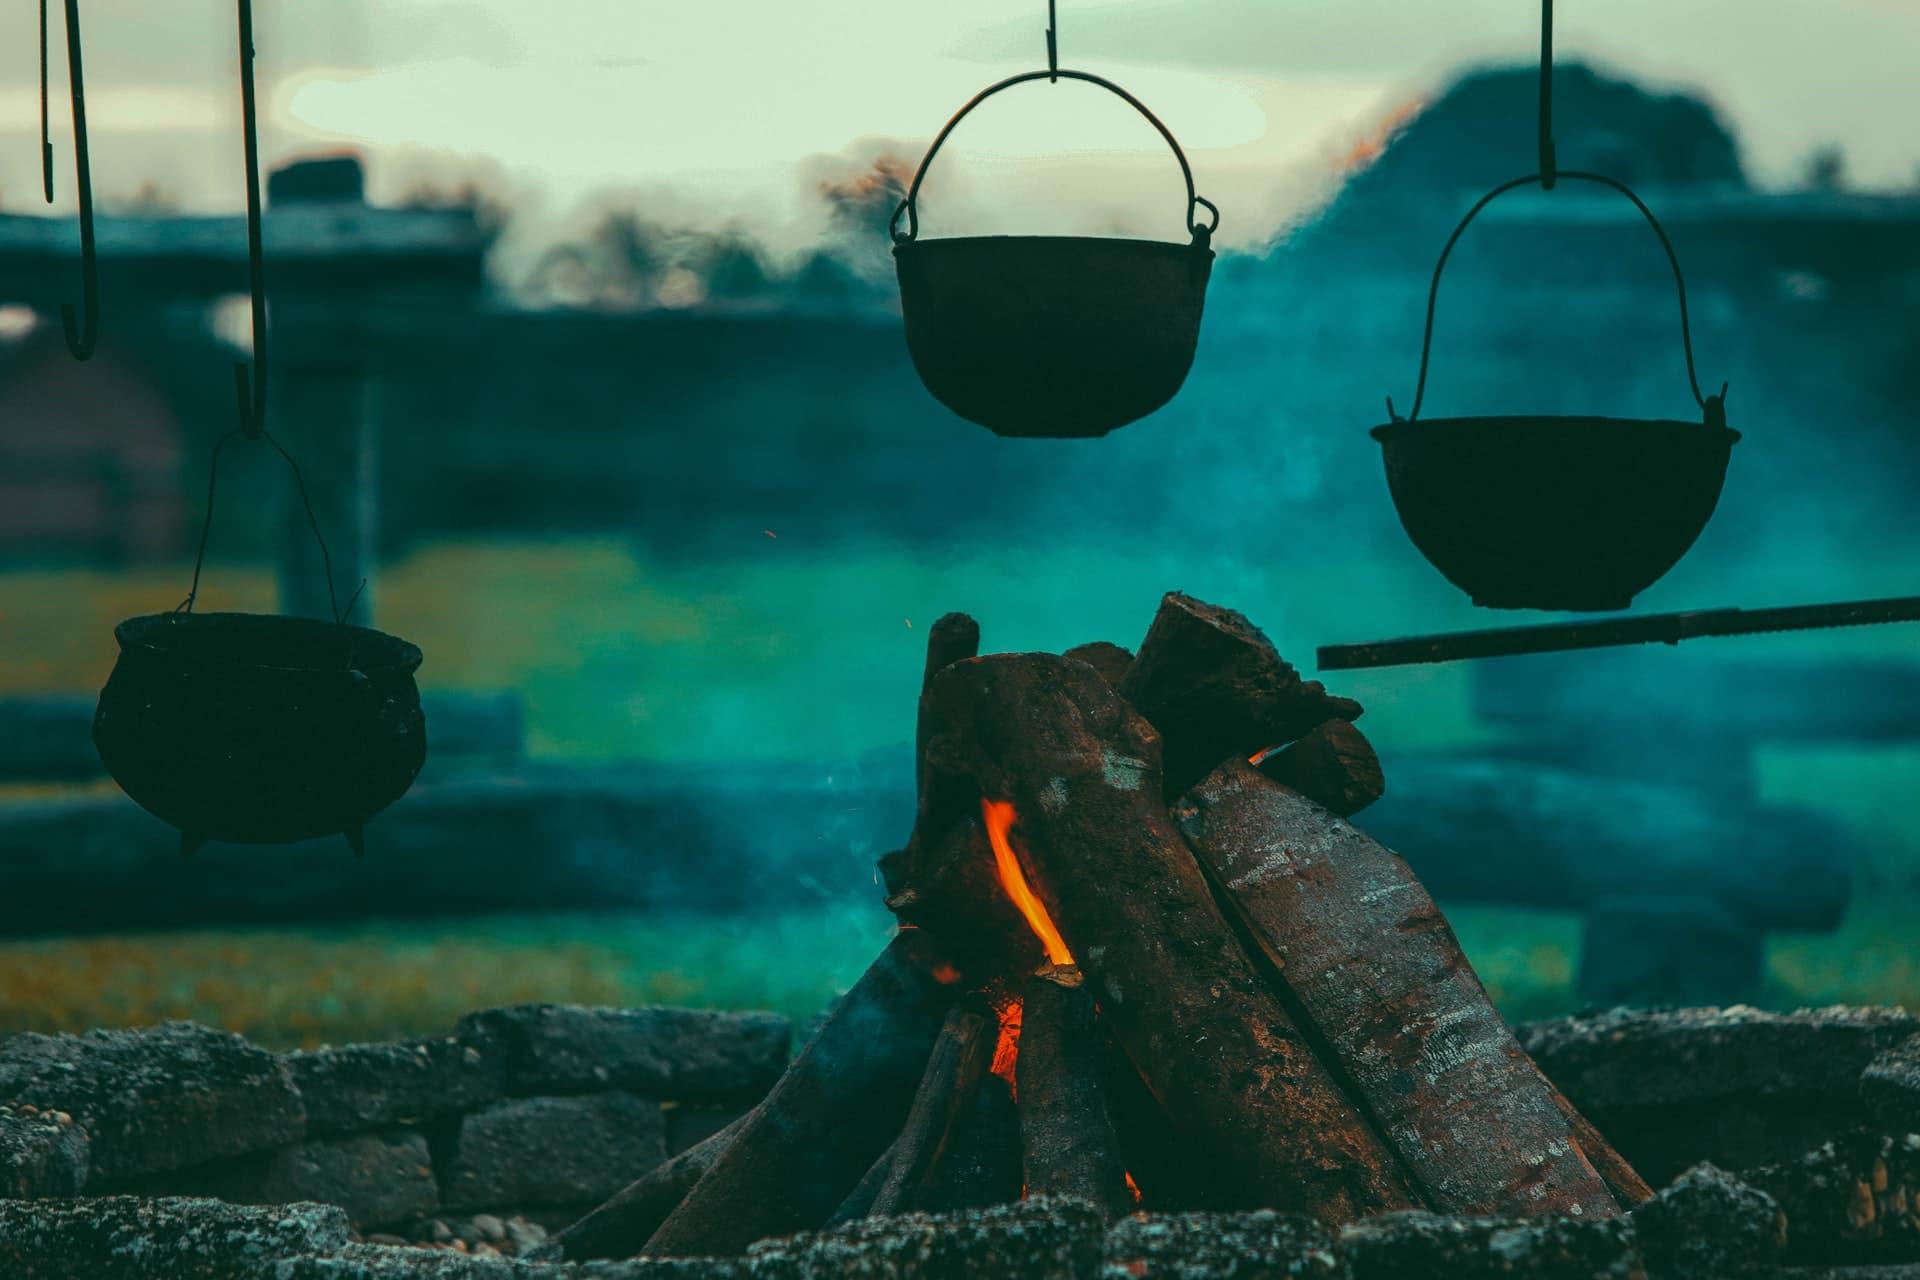 Camping kooktoestellen